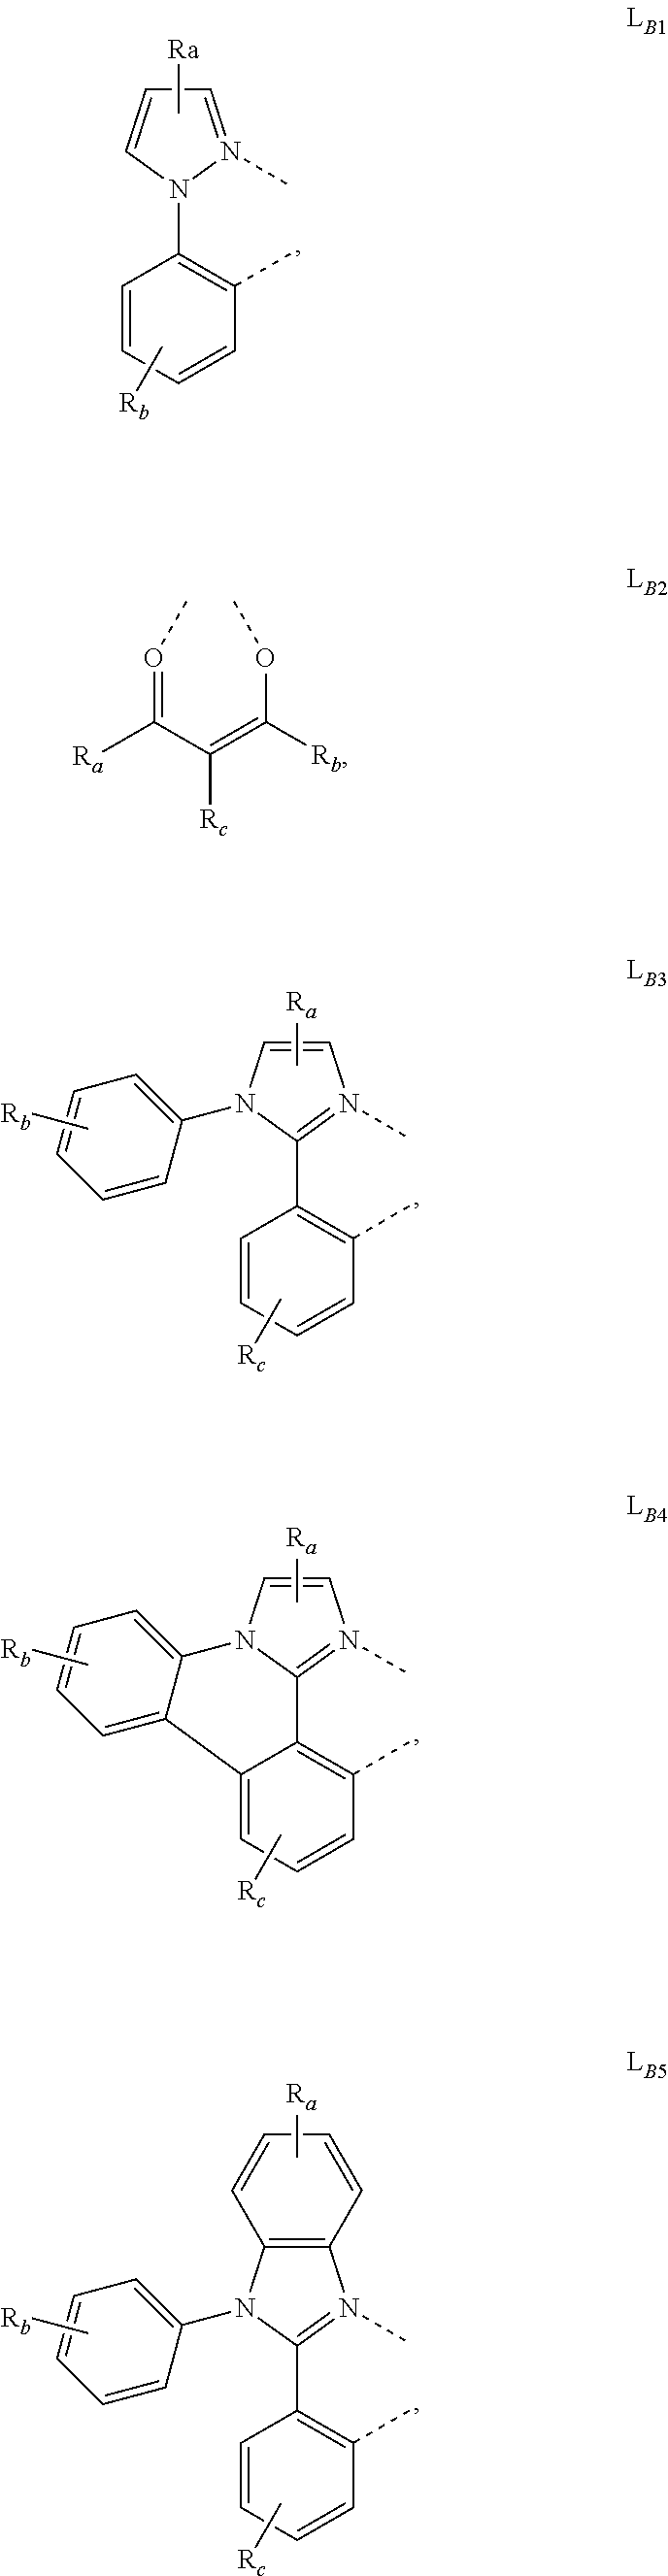 Figure US10121975-20181106-C00215